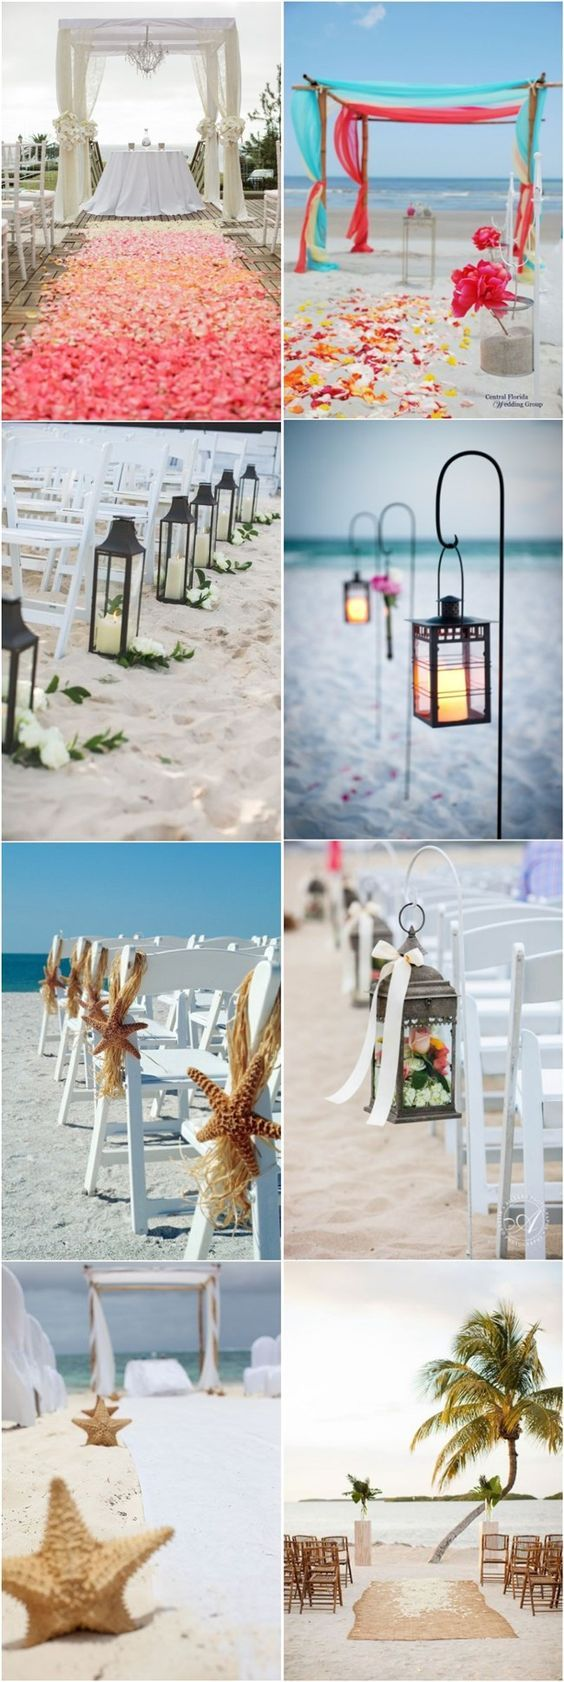 beach wedding decor ideas-beach wedding aisles: